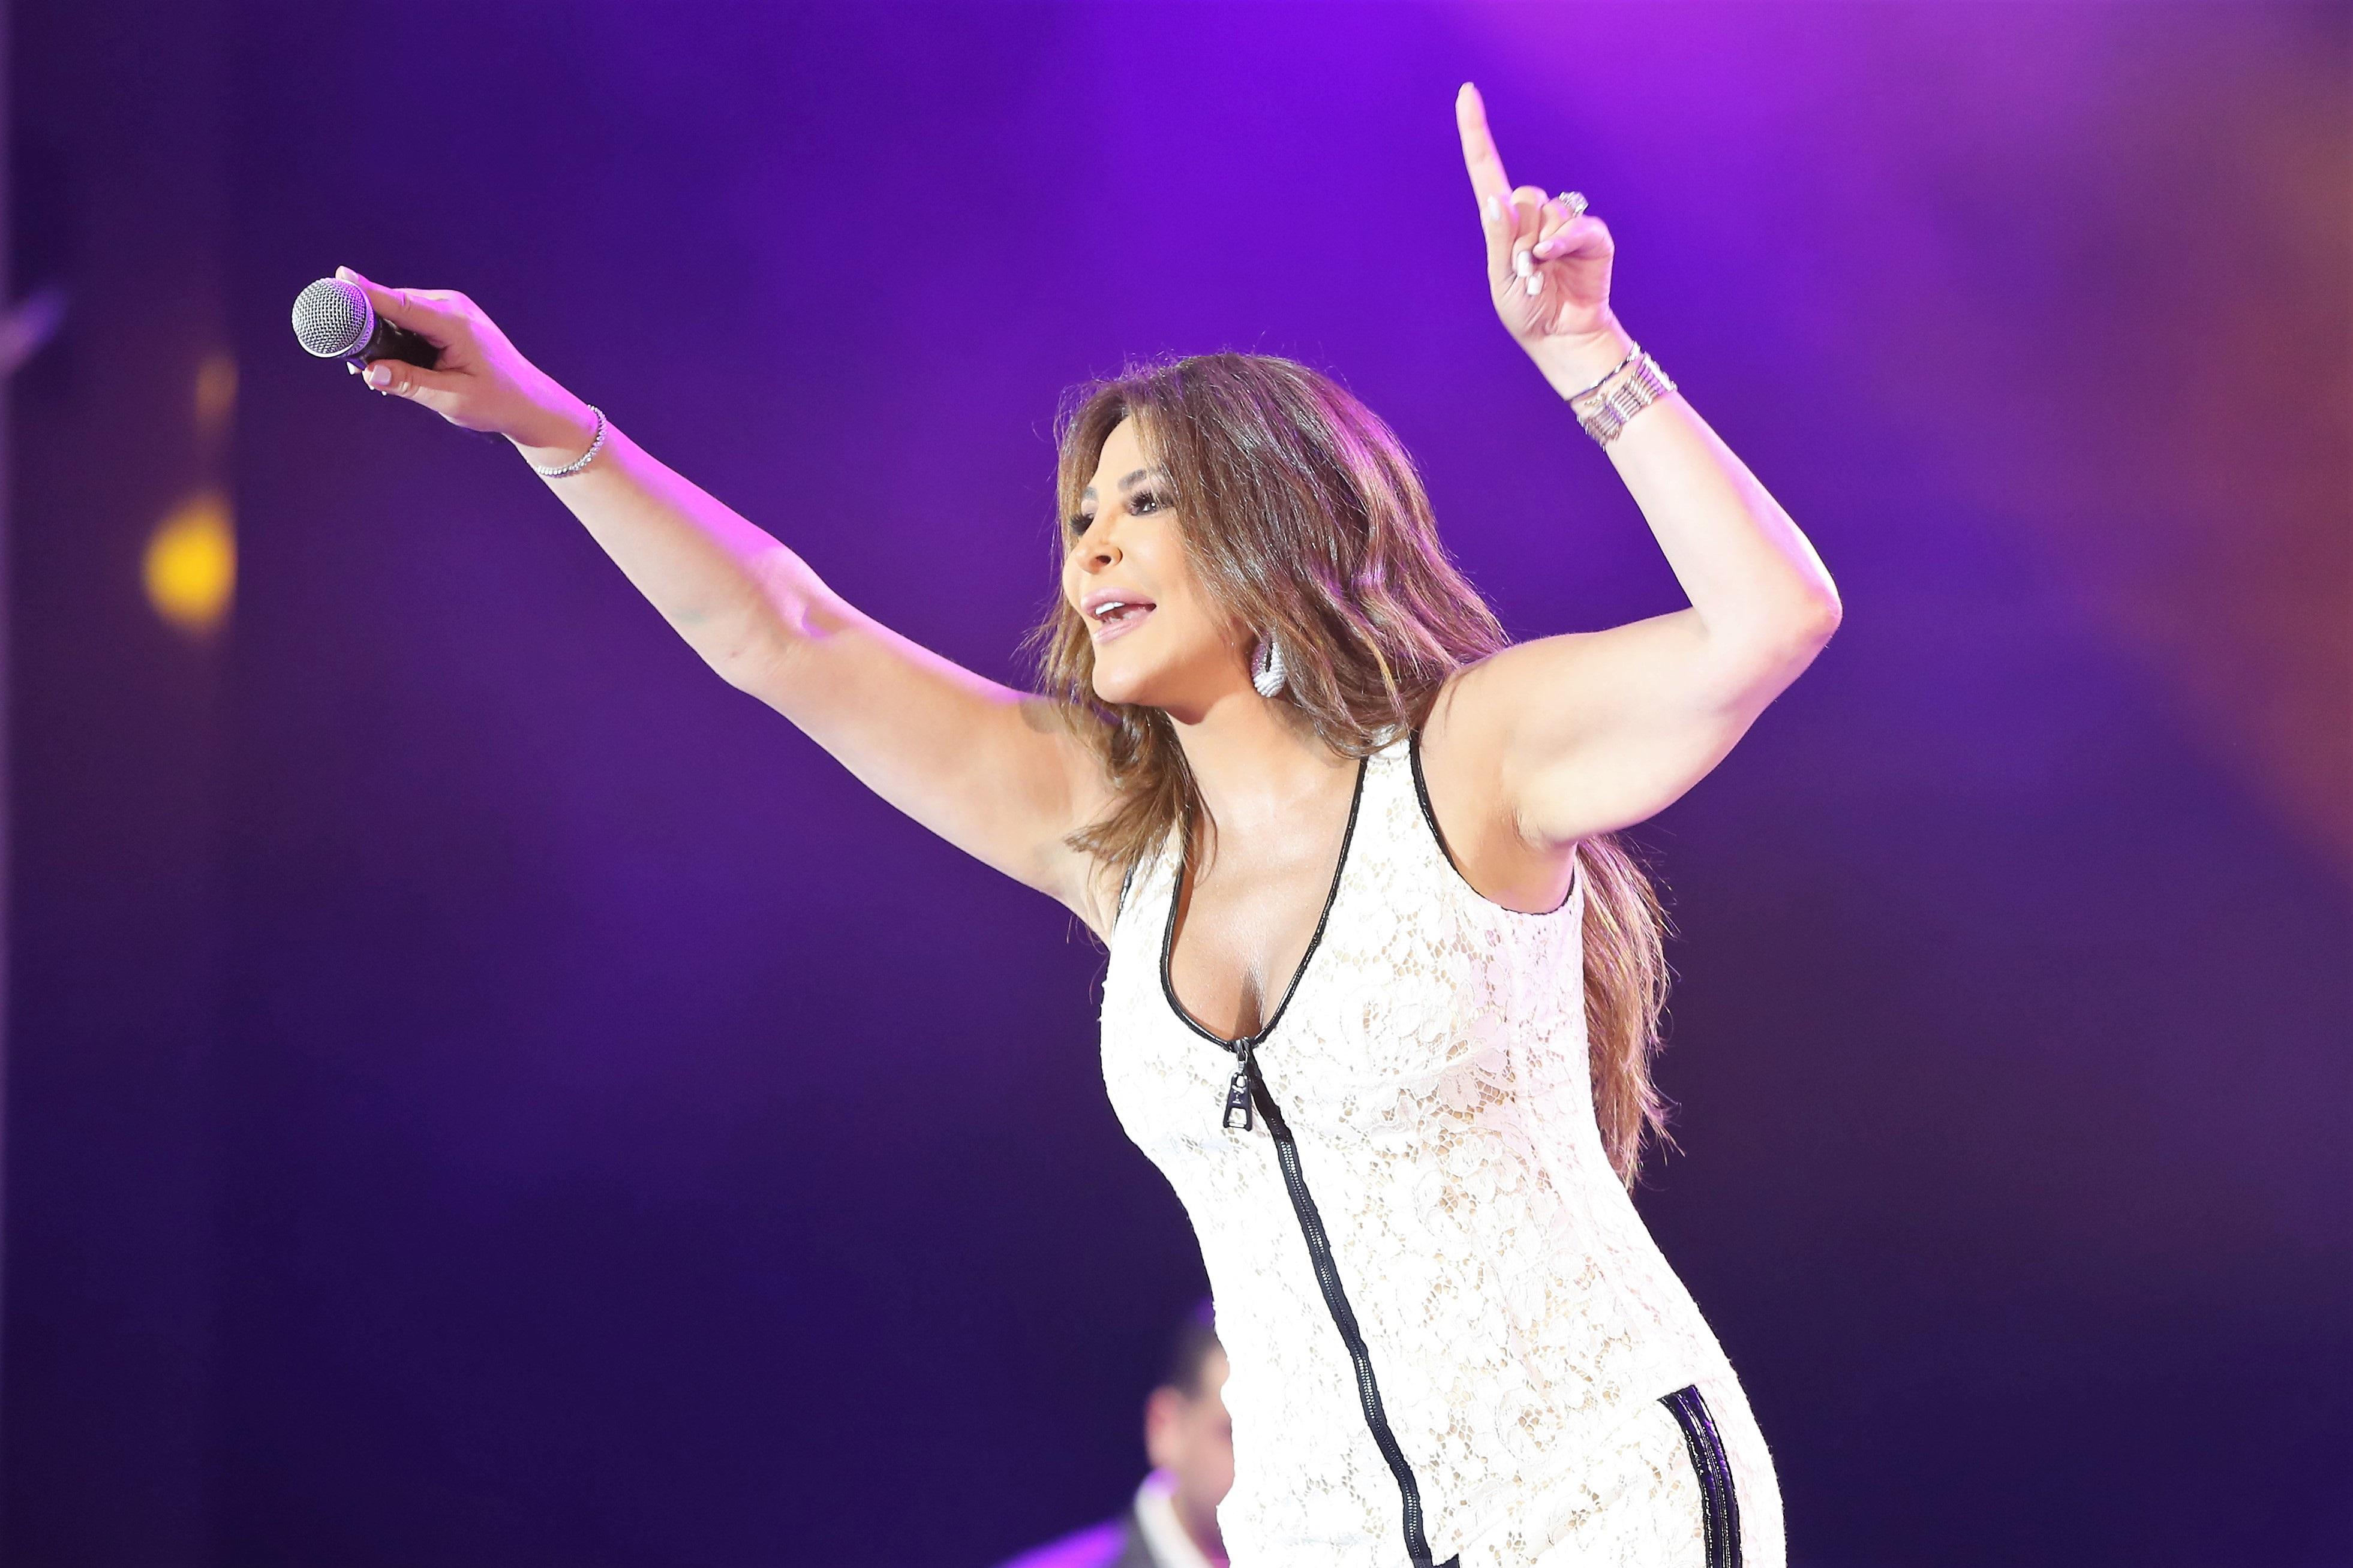 موازين 2019.. عشق، حب وهيام في حفل رومانسي مع ملكة الإحساس إليسا